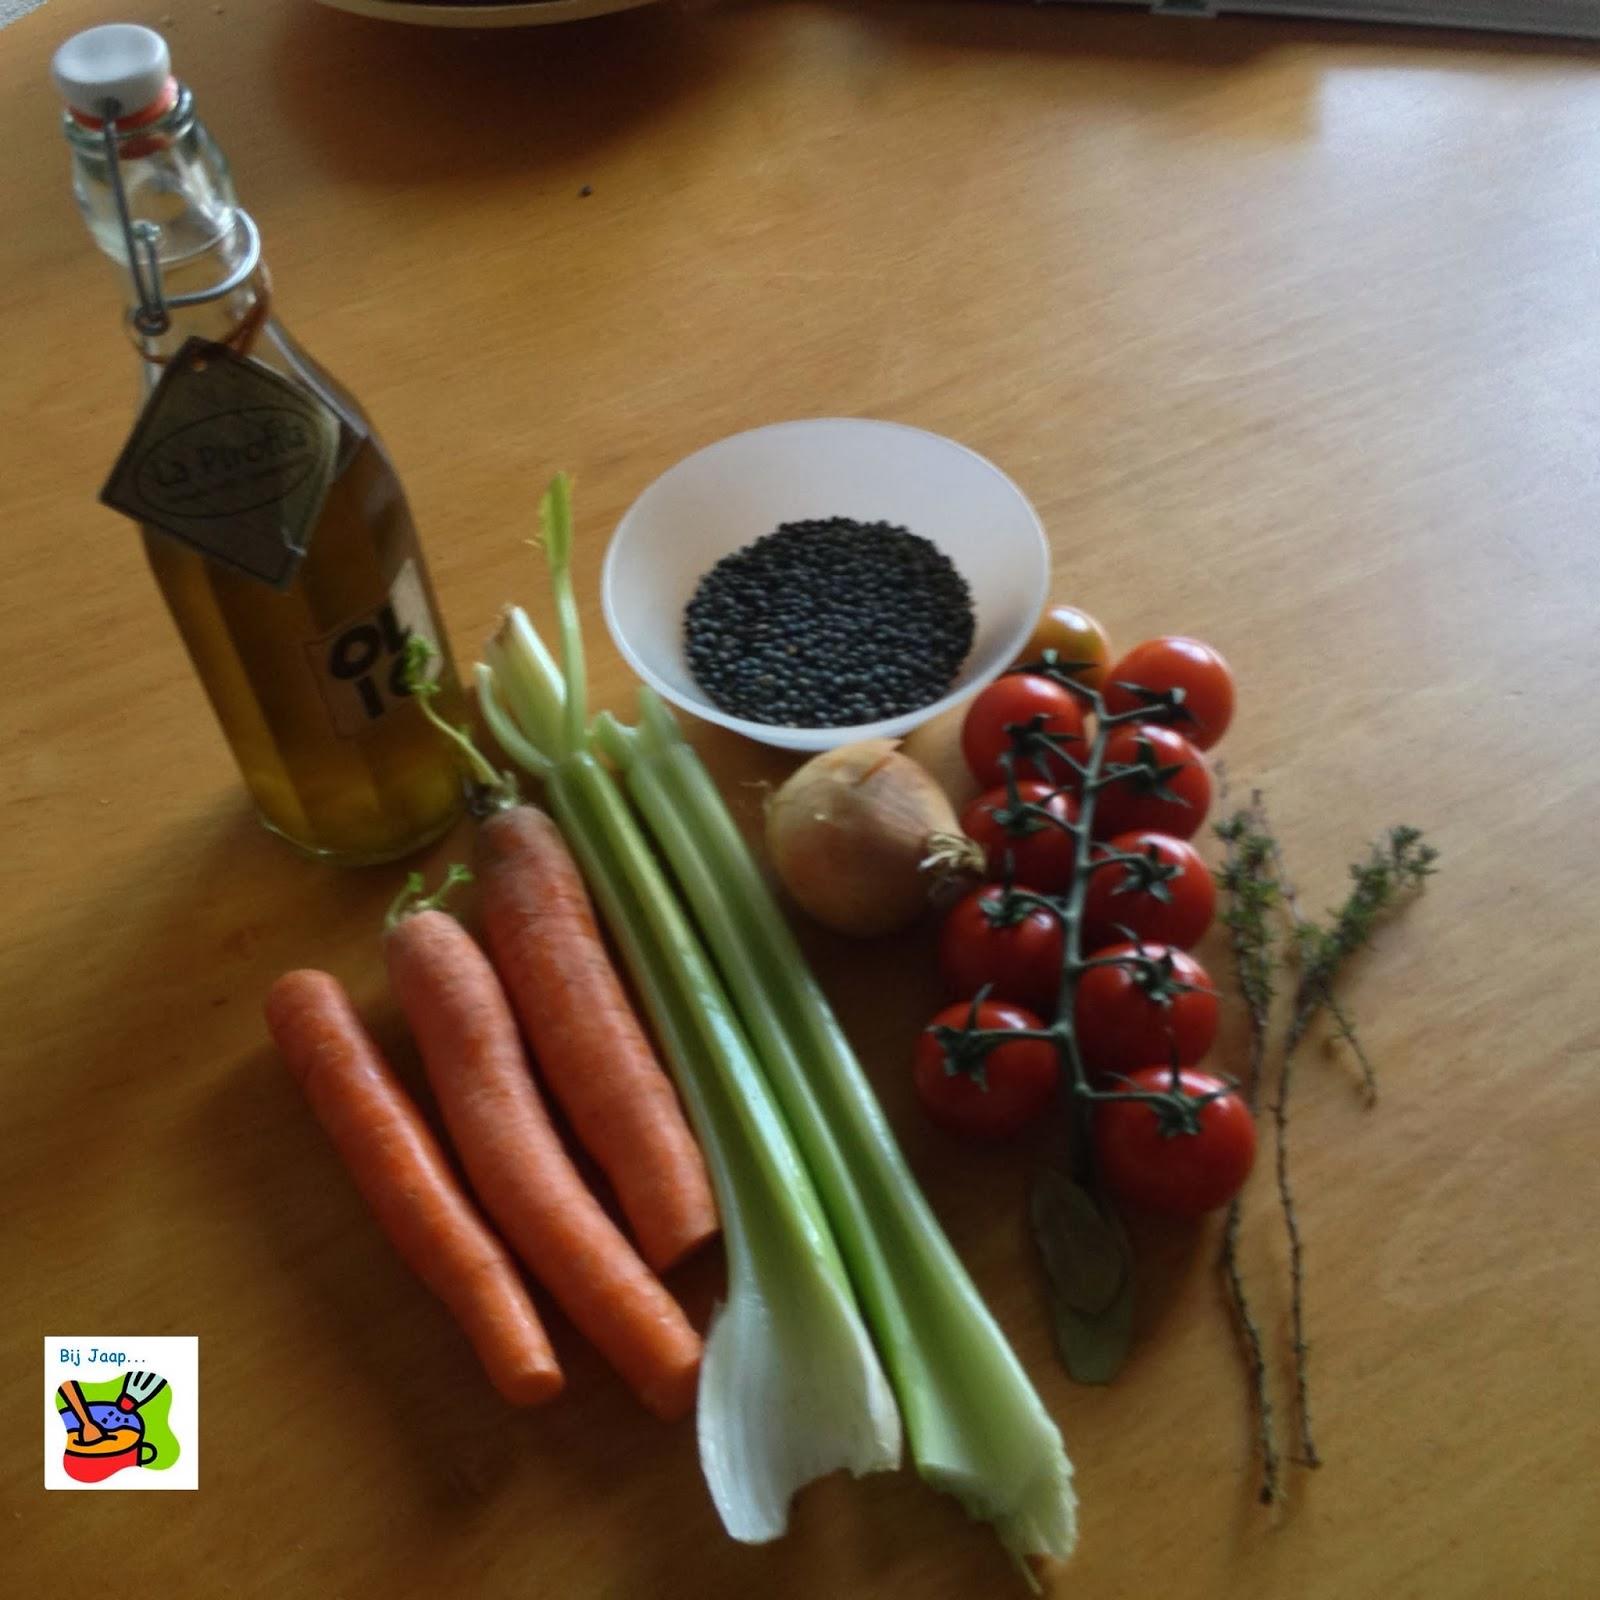 Irene kookt: bij jaap: linzen met gegrilde aubergines